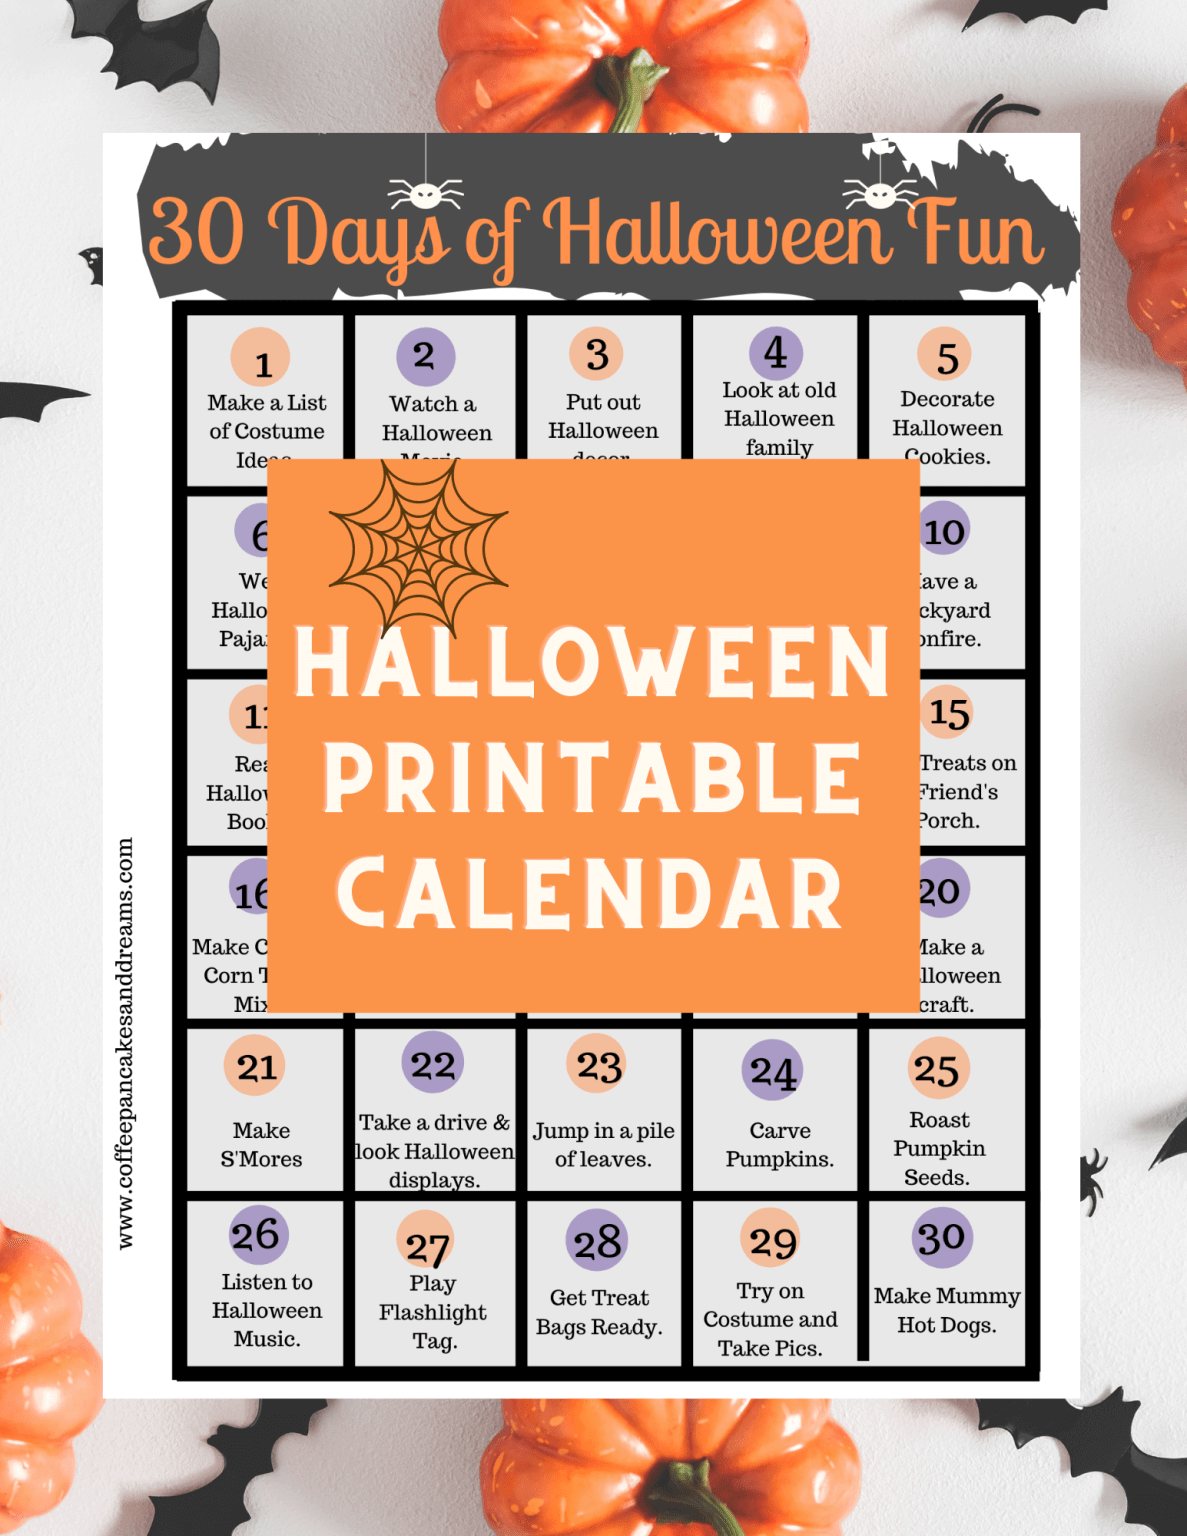 Halloween printable calendar with activities